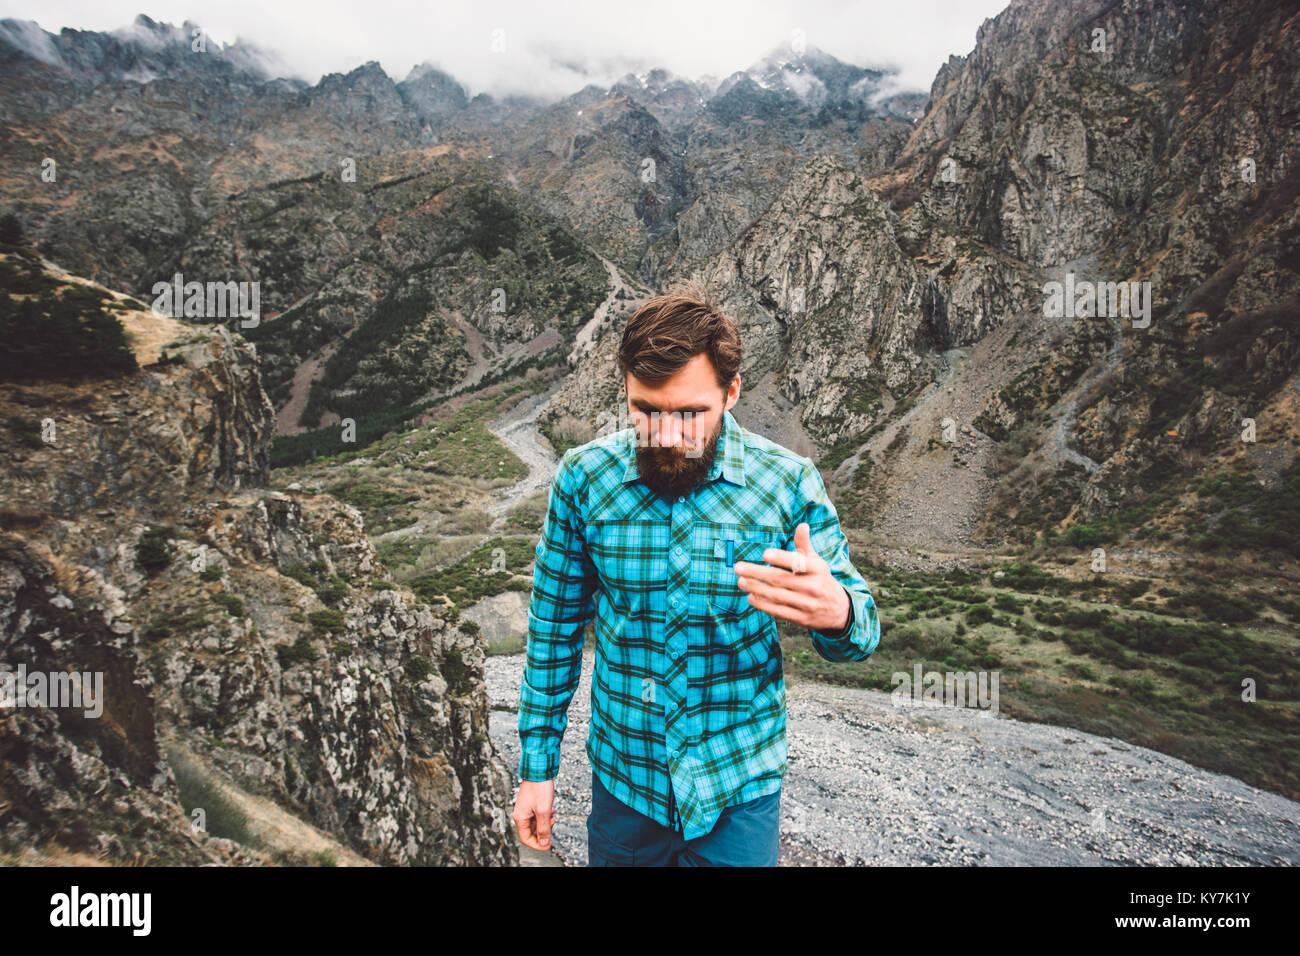 Homme barbu marche dans les montagnes de l'aventure voyage concept active lifestyle week-end Vacances d'été Photo Stock